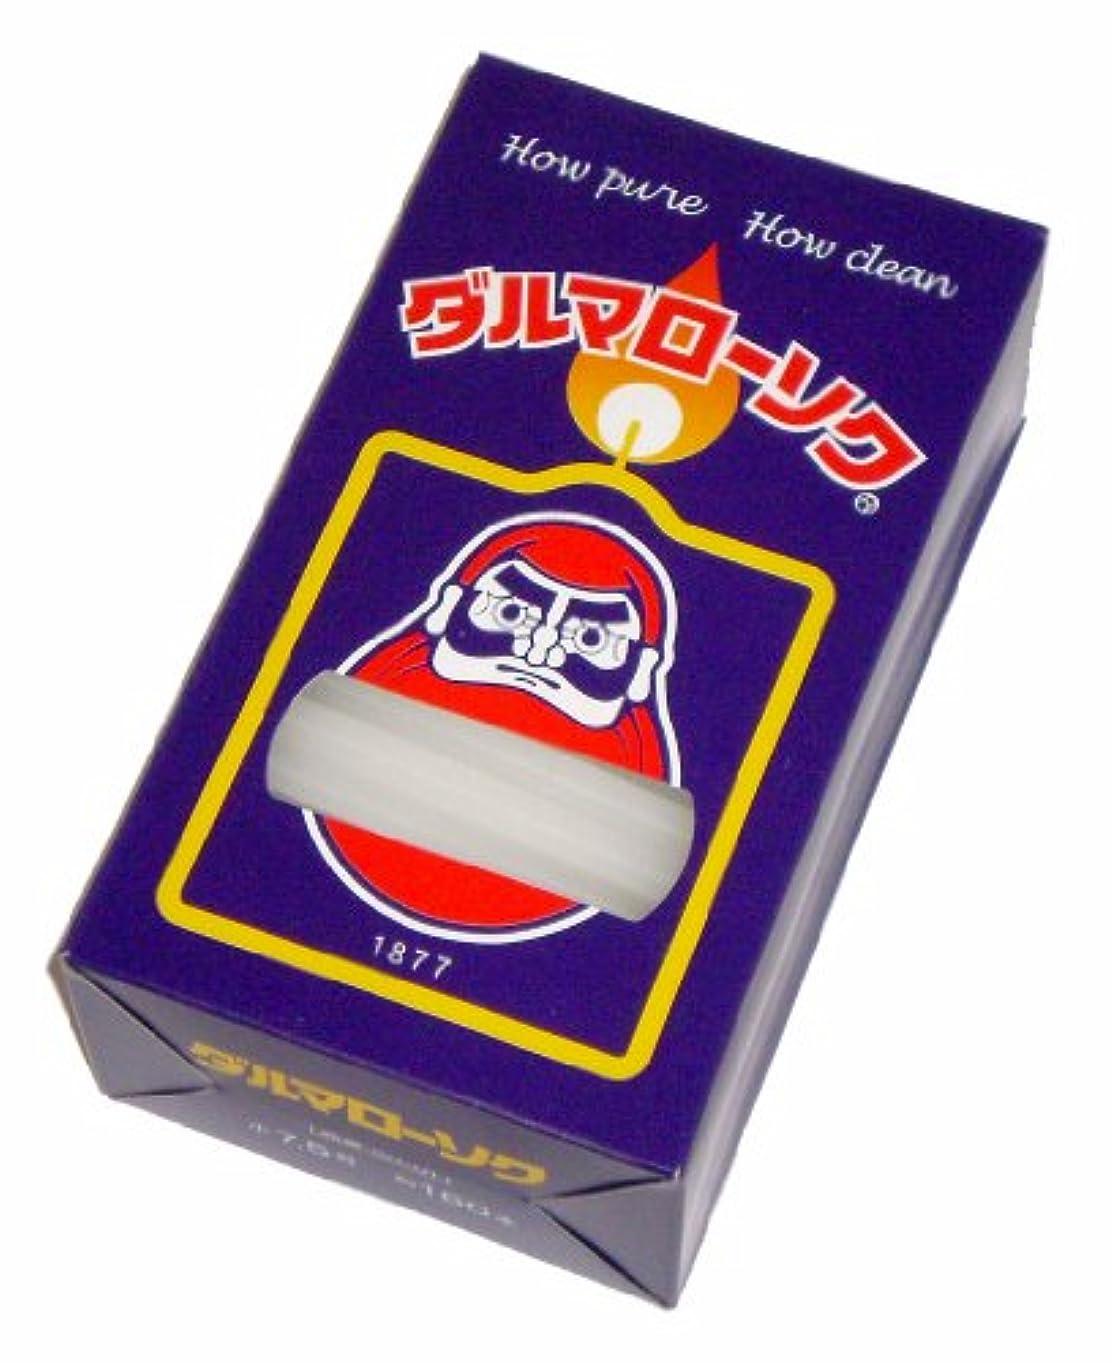 蚊墓文芸東海製蝋のろうそく ダルマ 小7.5号/160本入450g